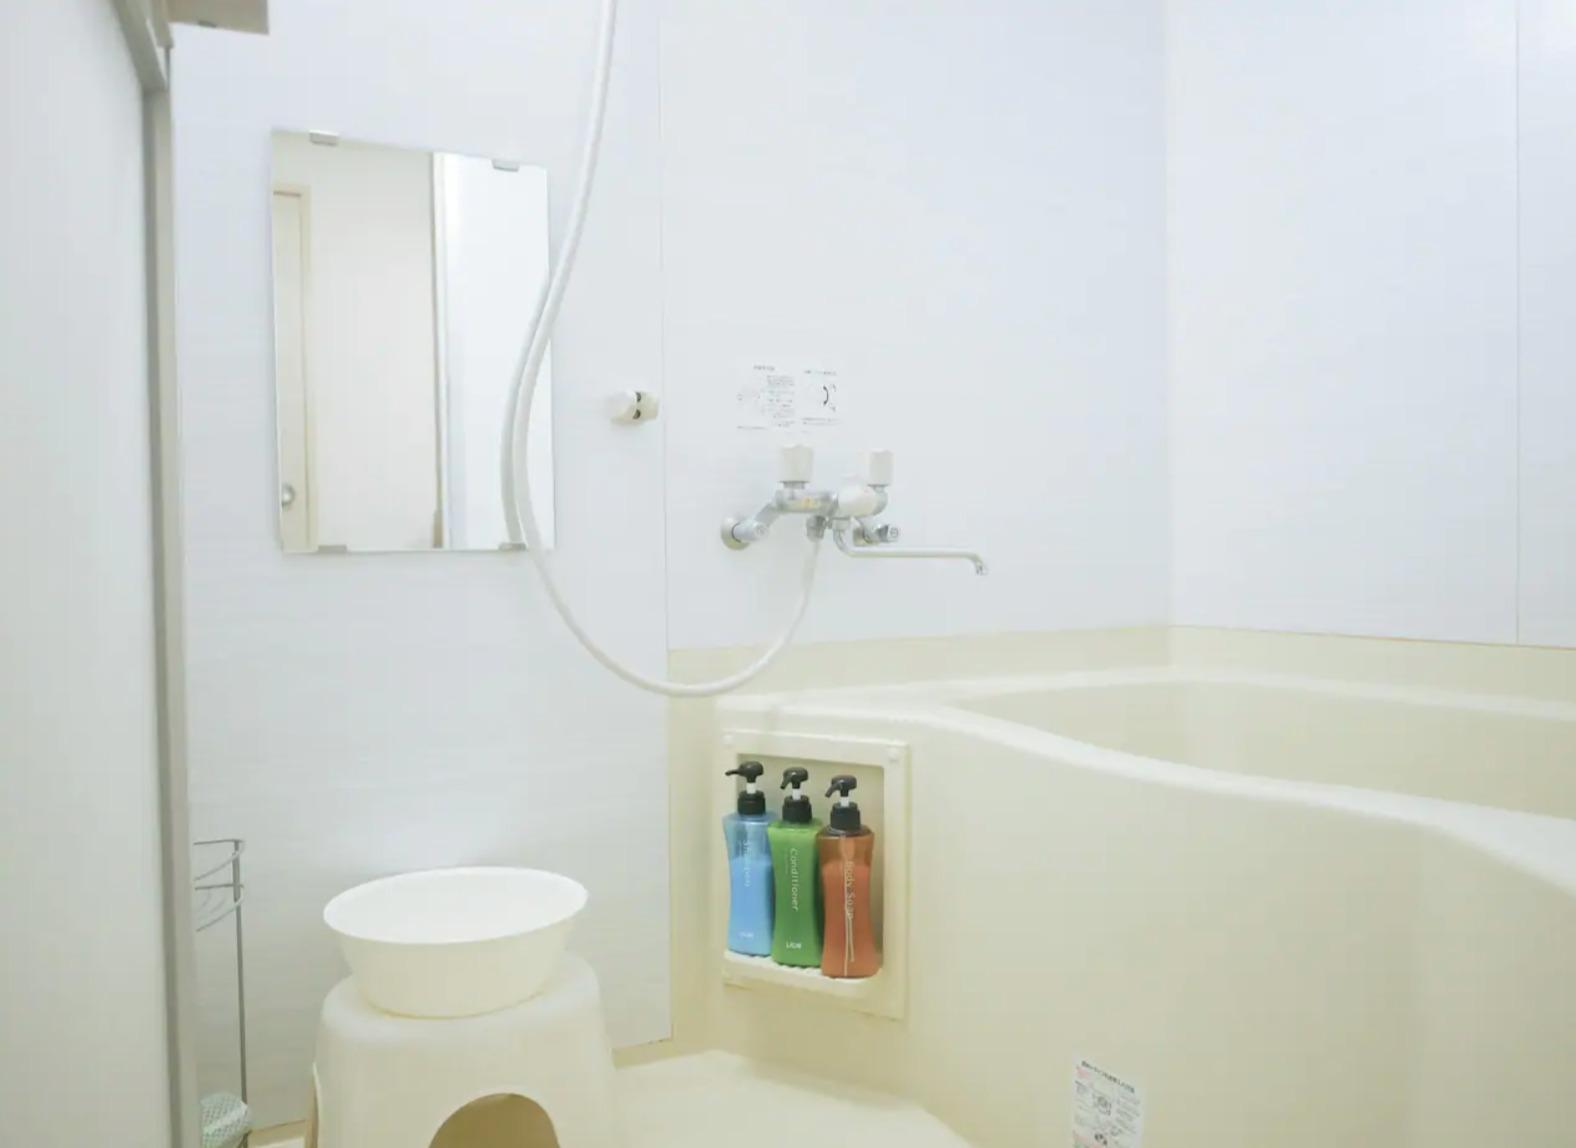 Shampoo, conditioner and shower gel. シャンプー、コンディショナー、ボディーソープあり。